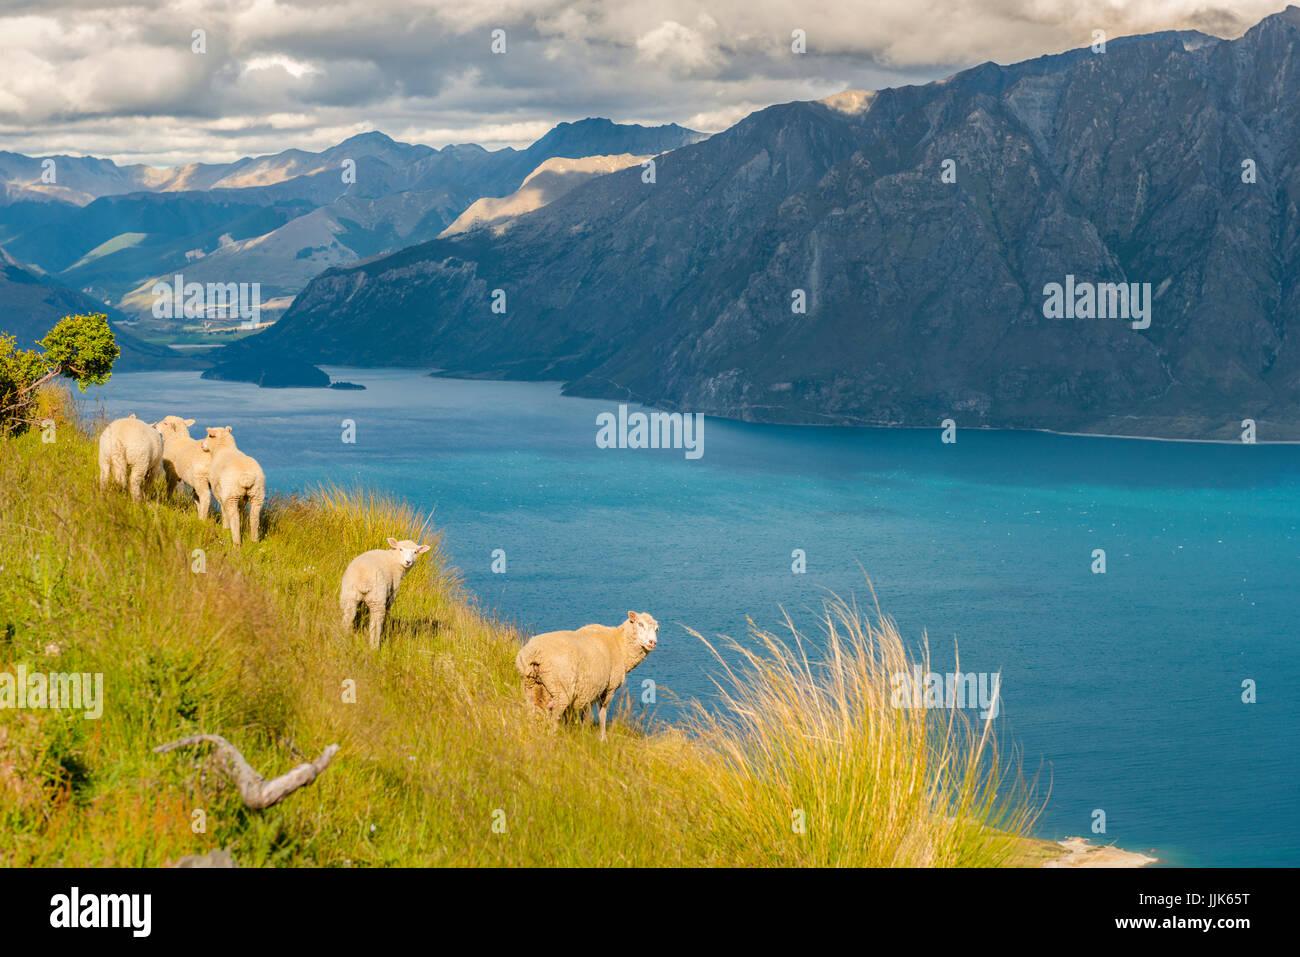 Las ovejas en el prado enfrente del lago Lago Hawea y paisaje montañoso, Istmo vía pico, Otago, Isla del Imagen De Stock